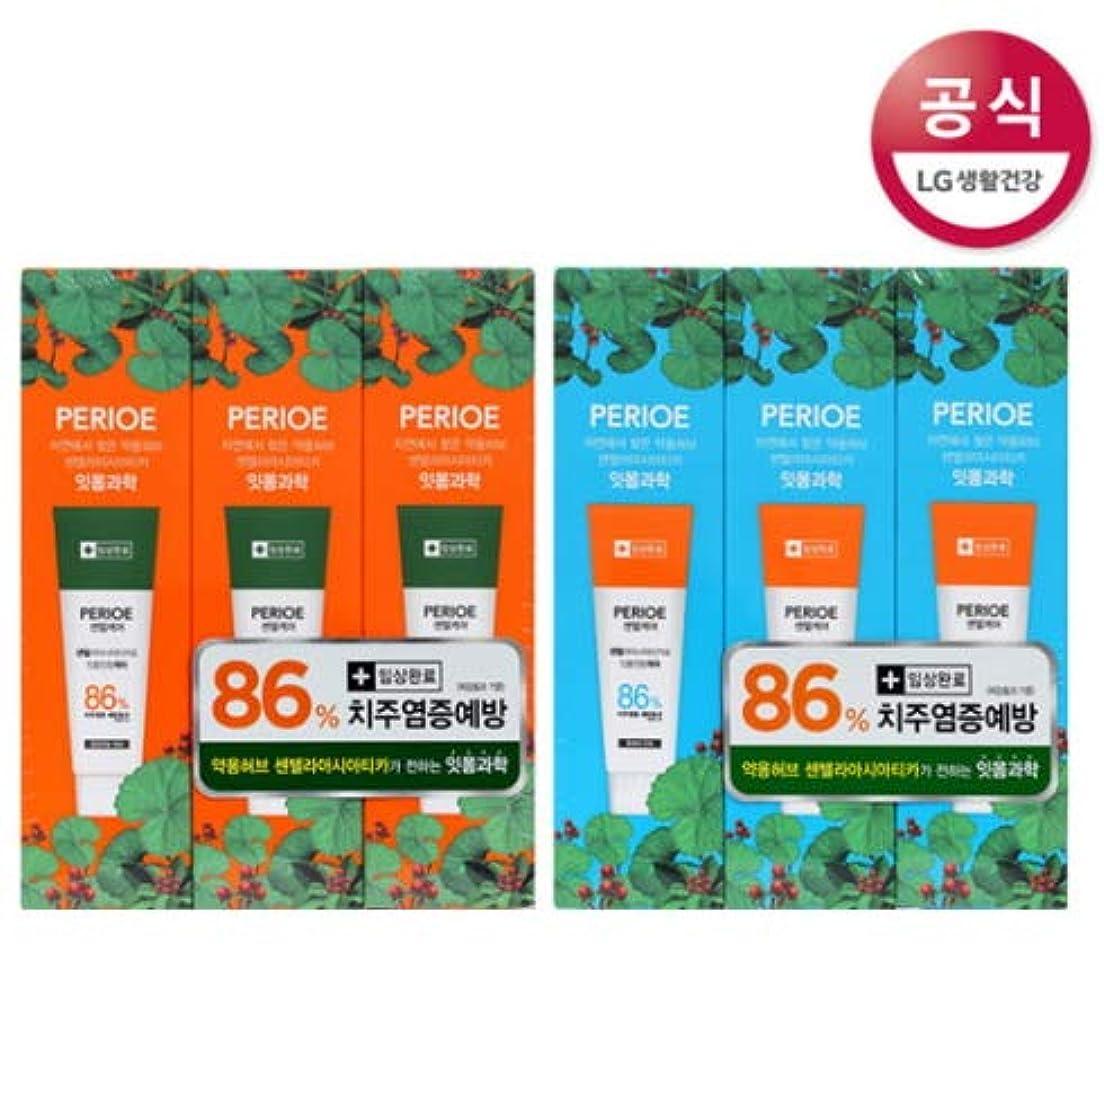 折マリナースタジオ[LG HnB] Perio centel care toothpaste/ペリオセンテルケア歯磨き粉 100gx6個(海外直送品)